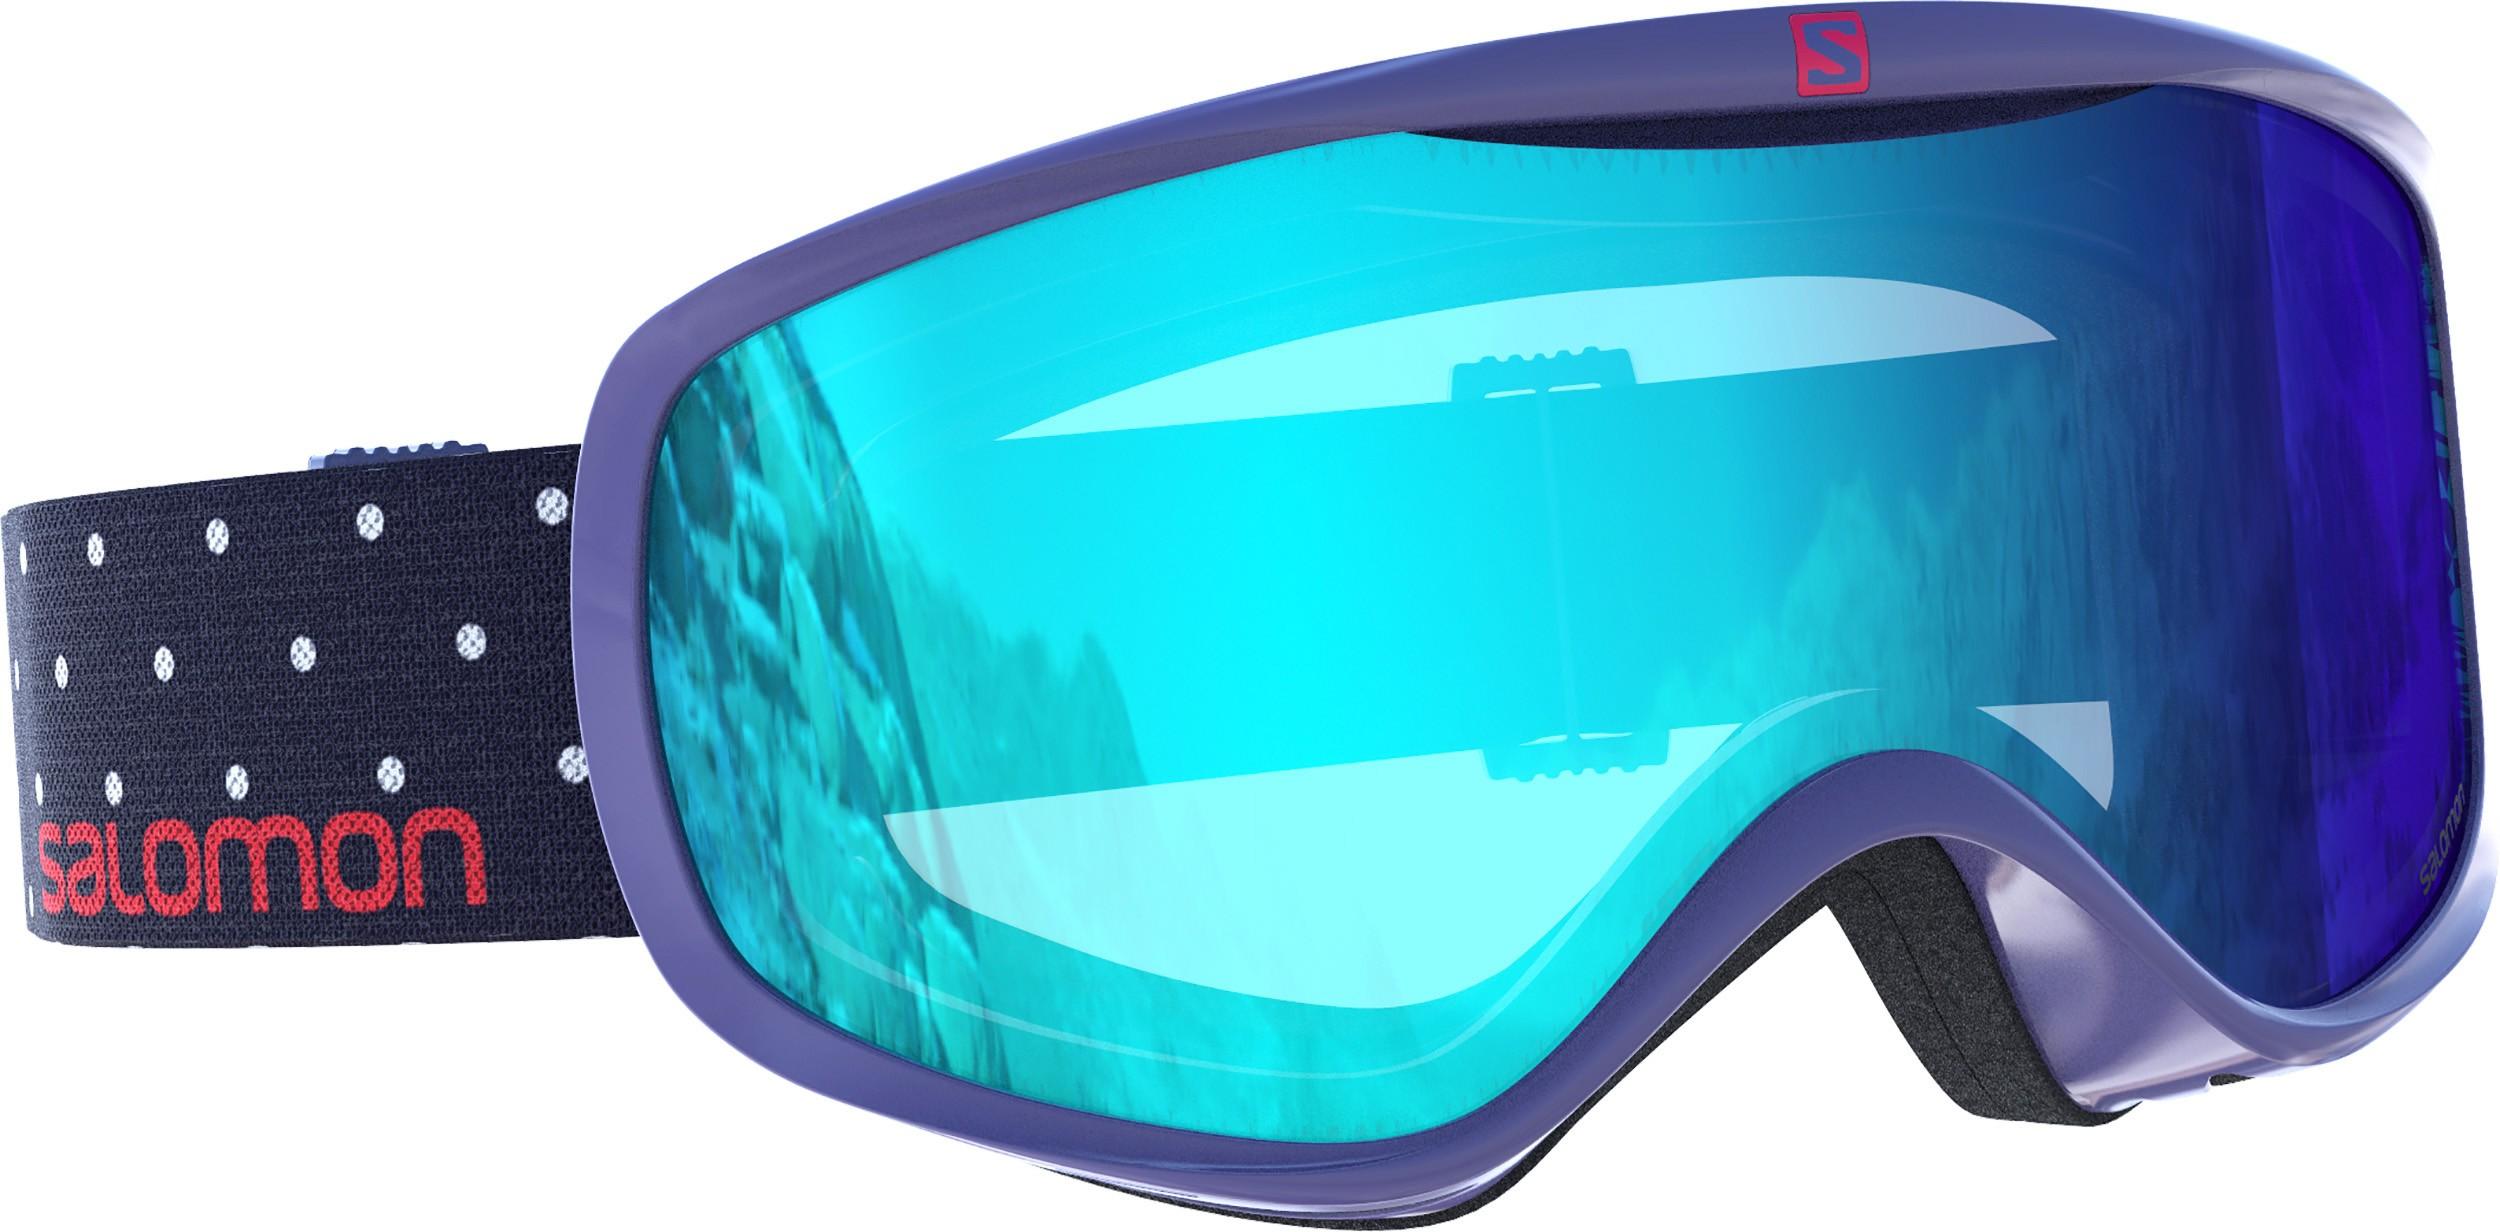 Masque de ski XT Sense Salomon 2017